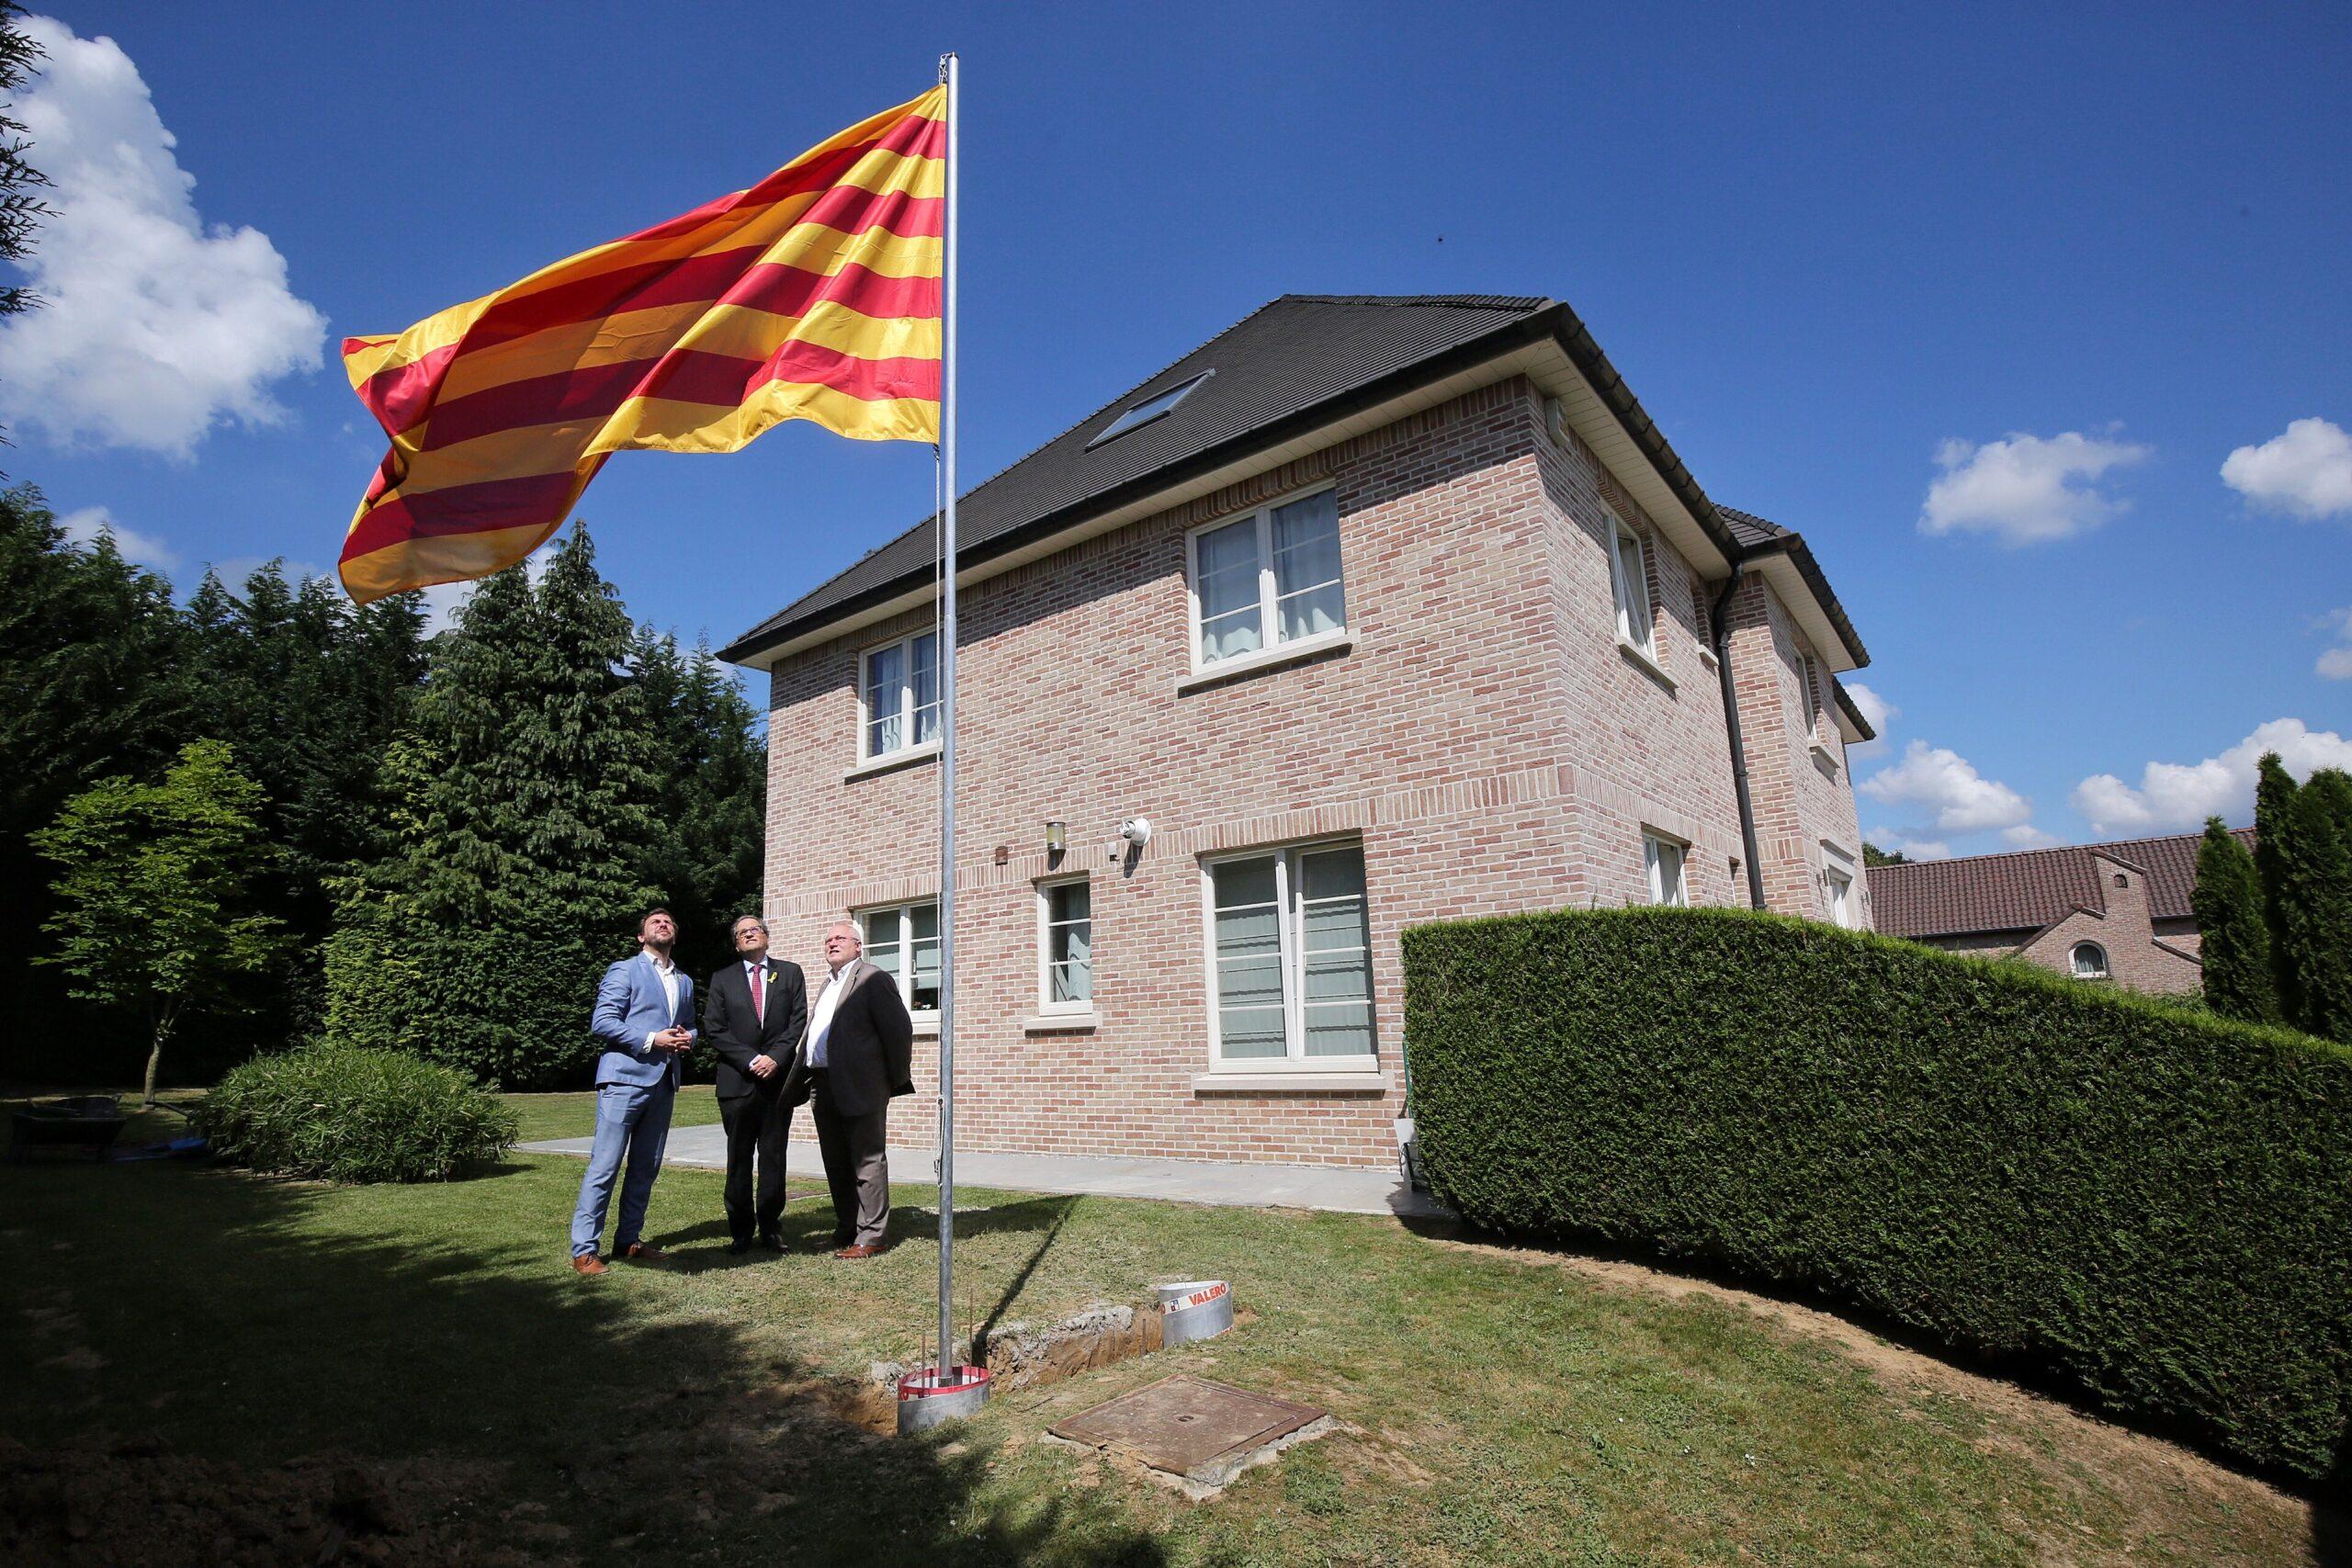 La seu del Consell per la República i residència de Carles Puigdemon